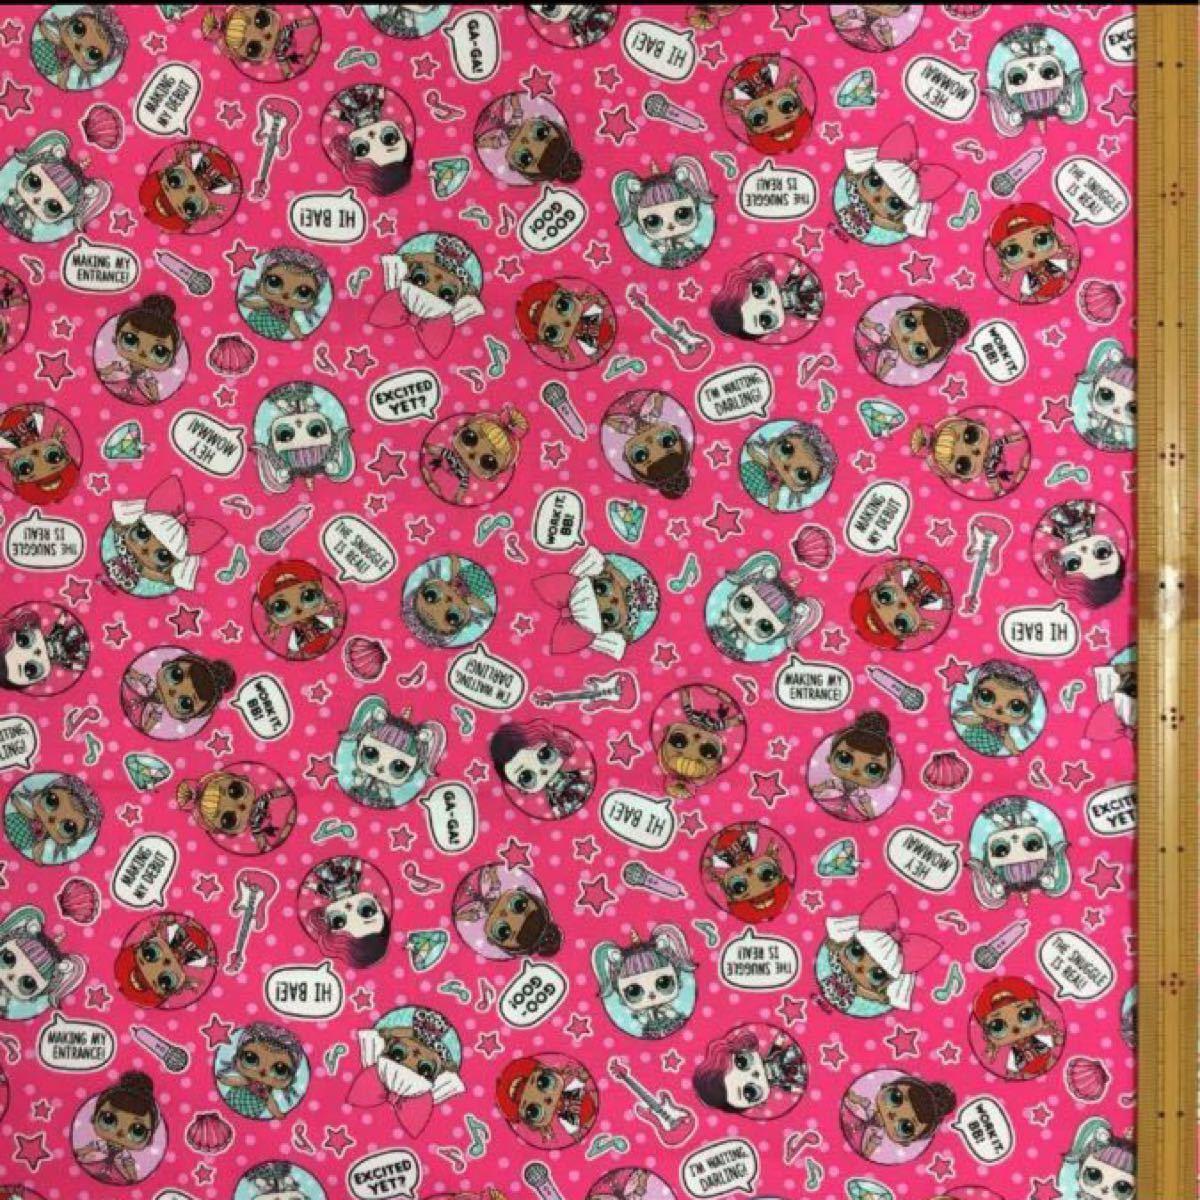 綿オックス:LOLサプライズ:生地幅×50:生地ハギレ